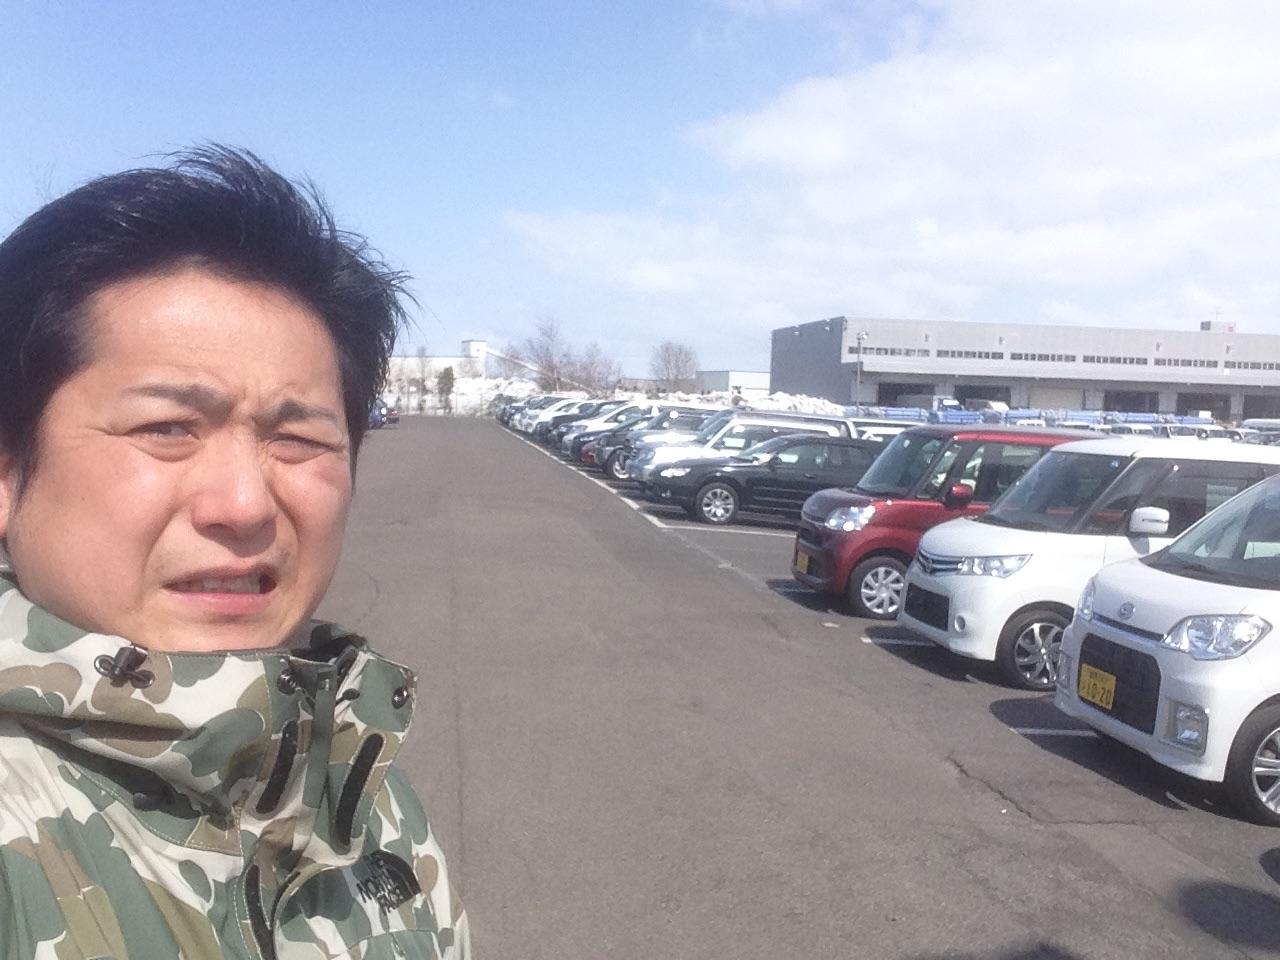 3月25日(水)トミーアウトレット☆O様ekワゴンご成約!!軽自動車☆コンパクトカー☆ローンサポート☆_b0127002_18462253.jpg